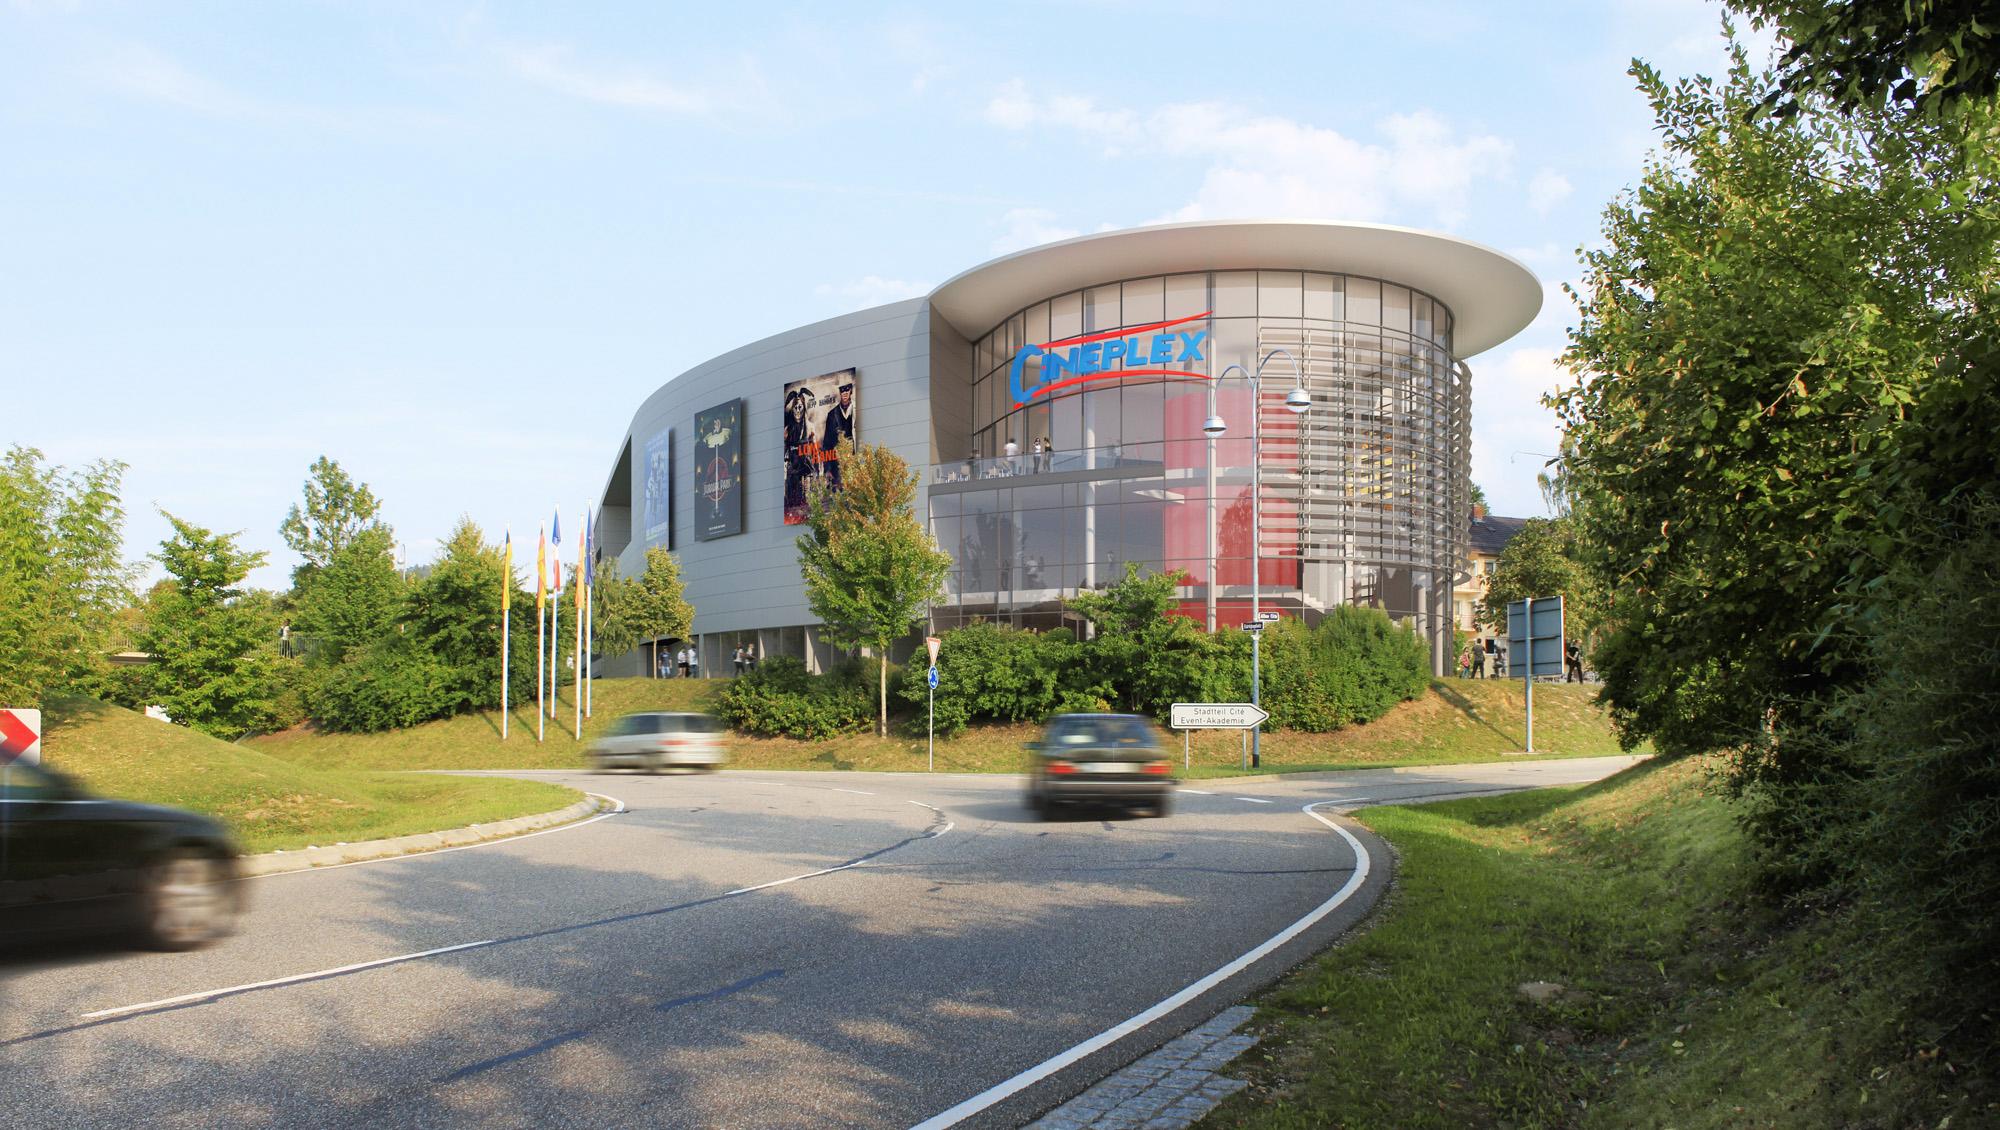 Cineplex Baden Baden Baden Baden